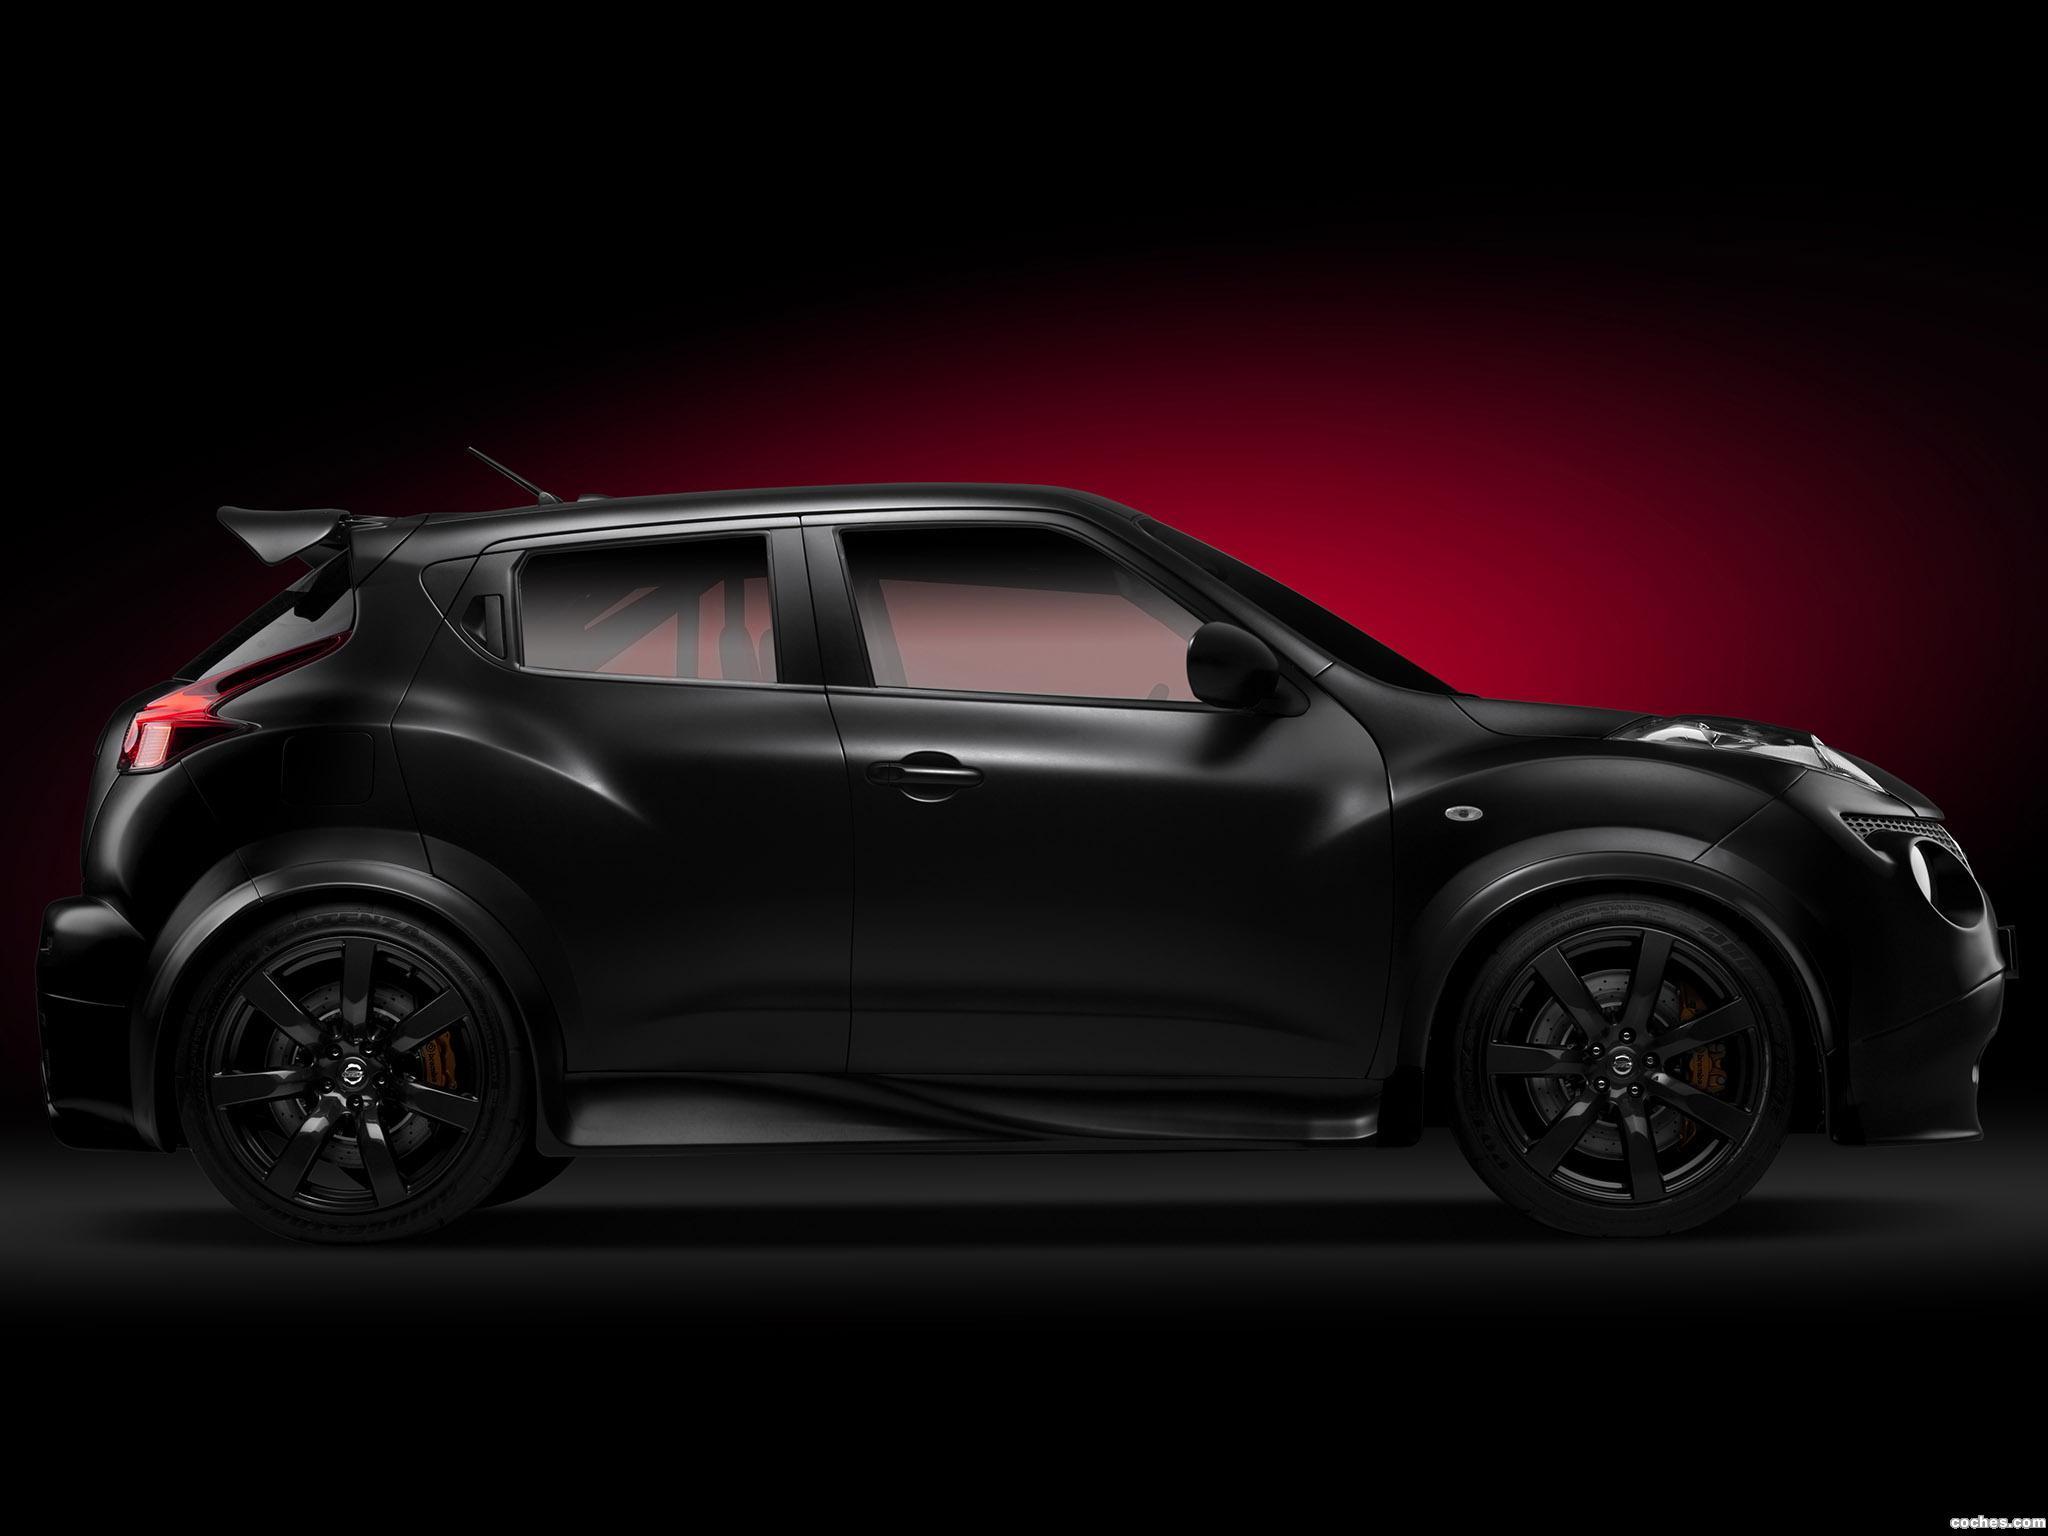 Foto 1 de Nissan Juke R 2011